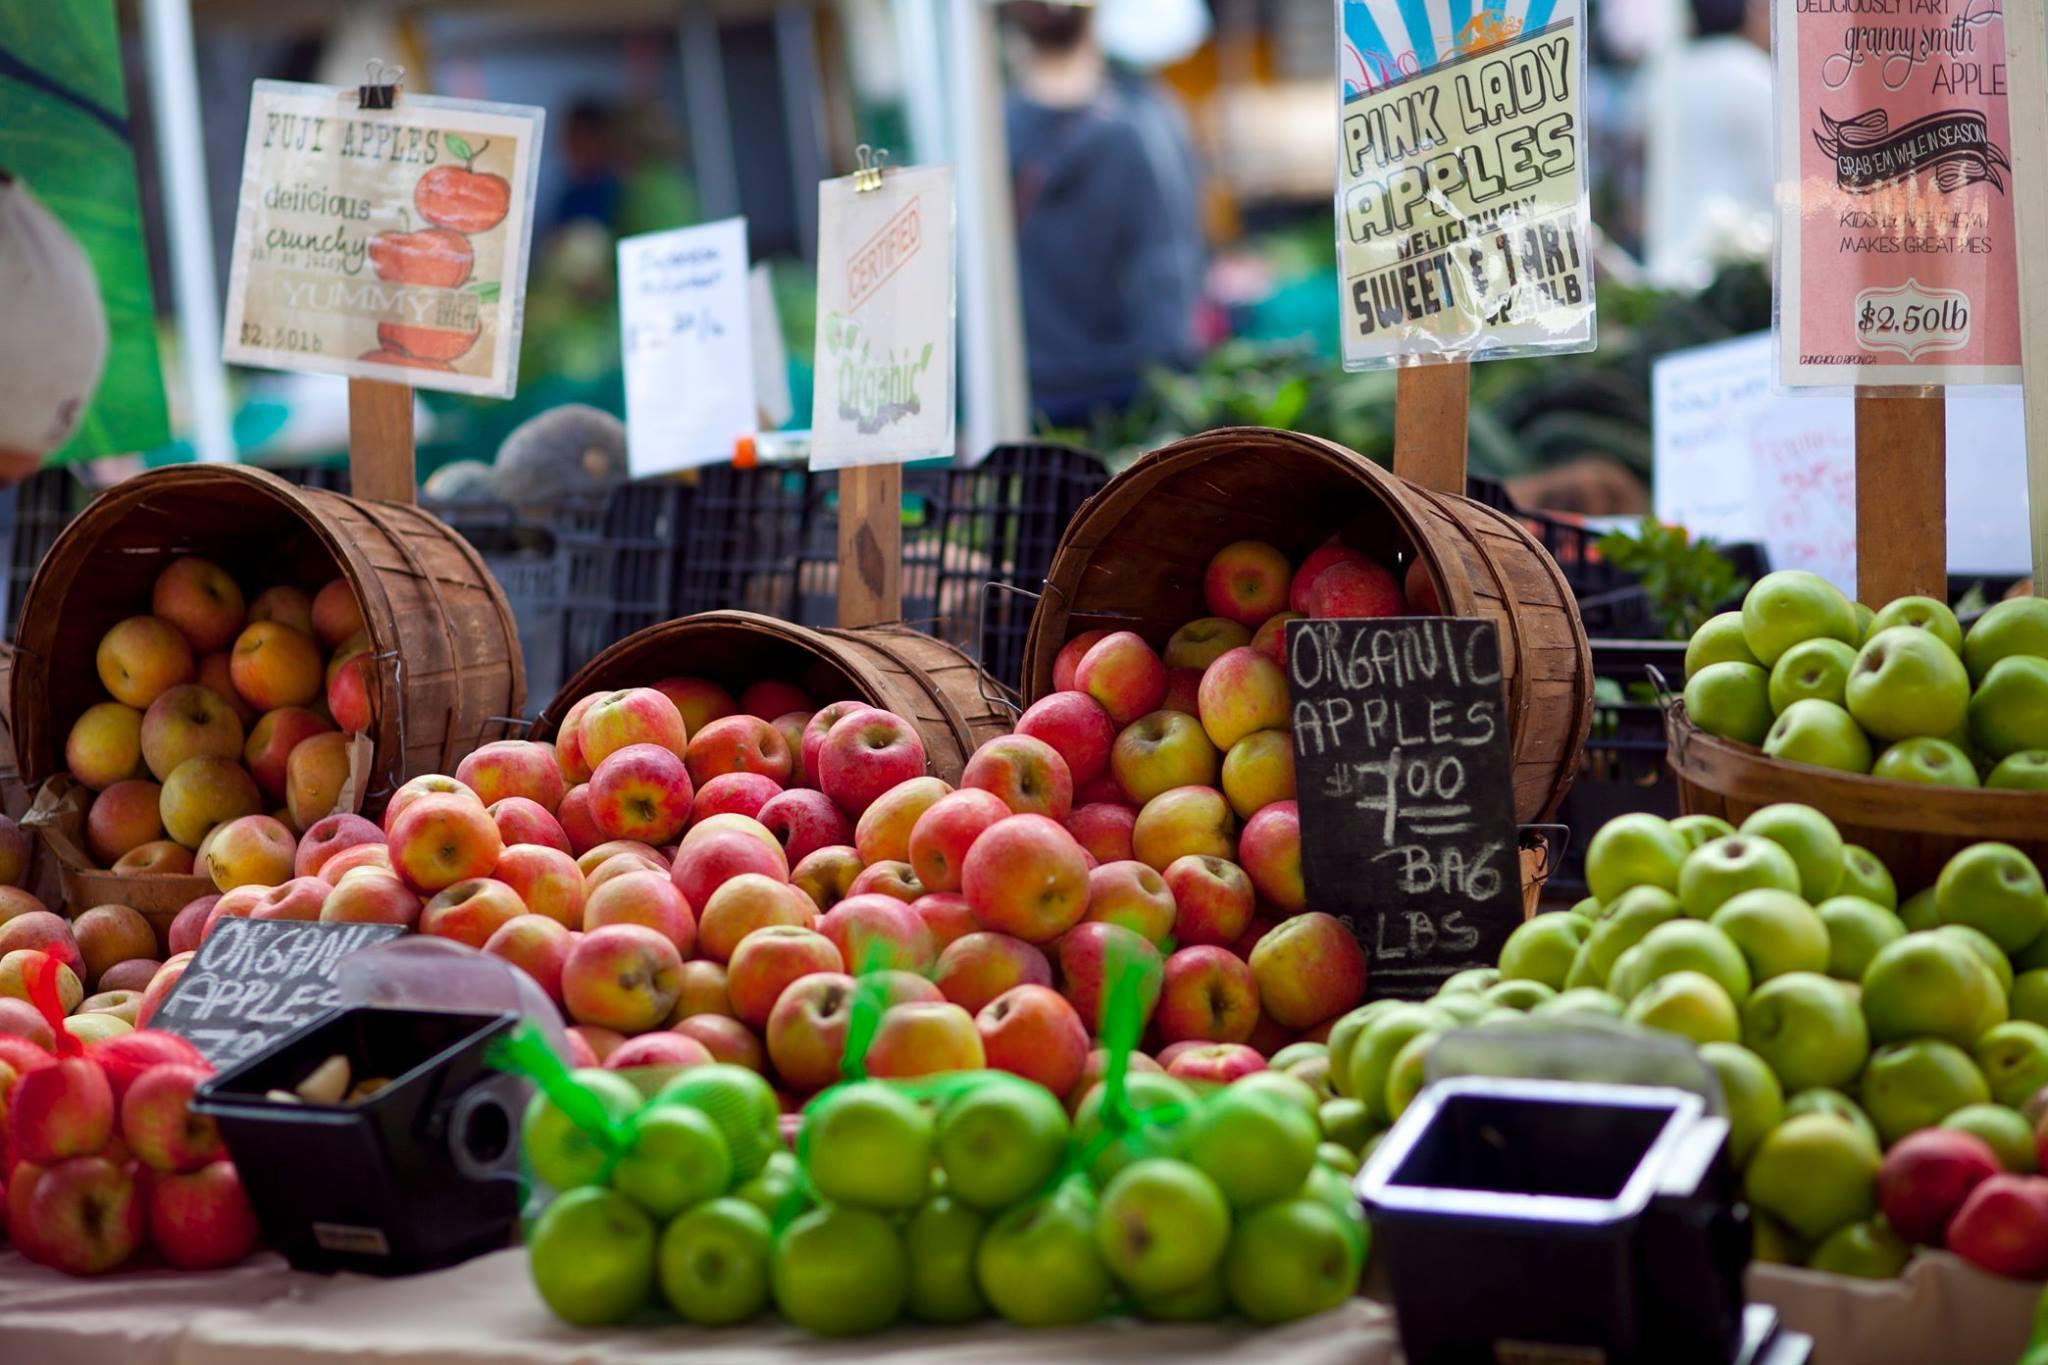 La Market Lafayette Food Fresh